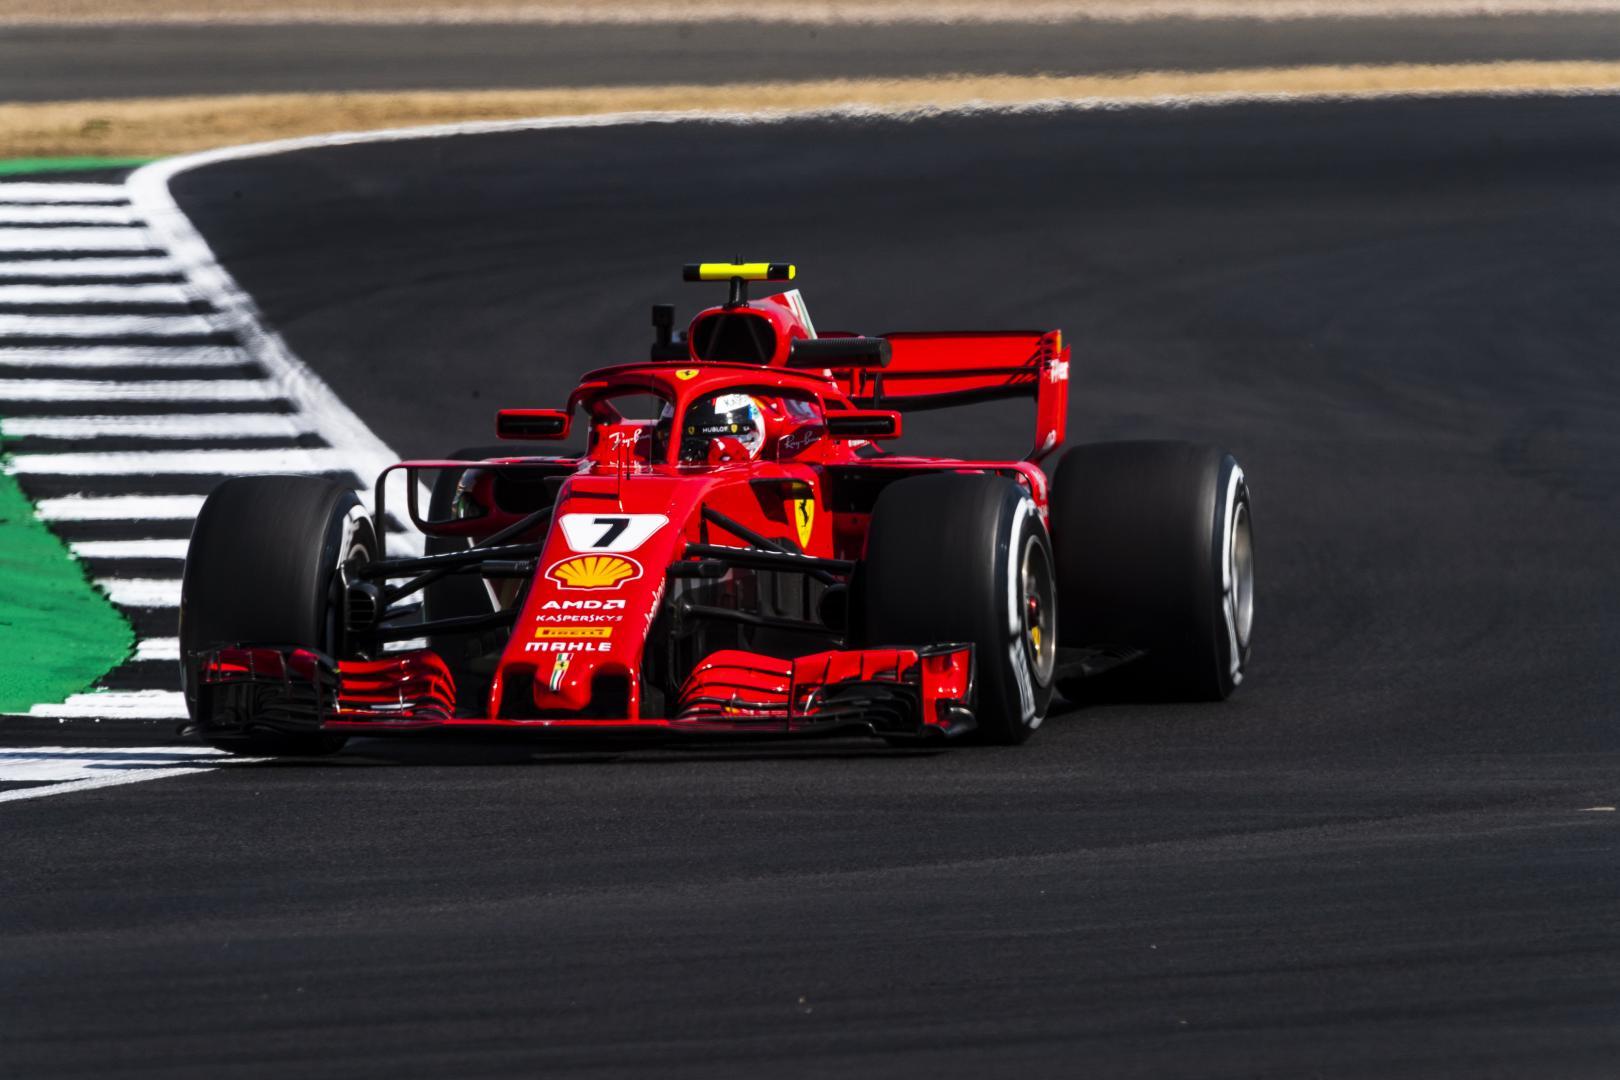 2e vrije training van de GP van Groot-Brittannië 2018